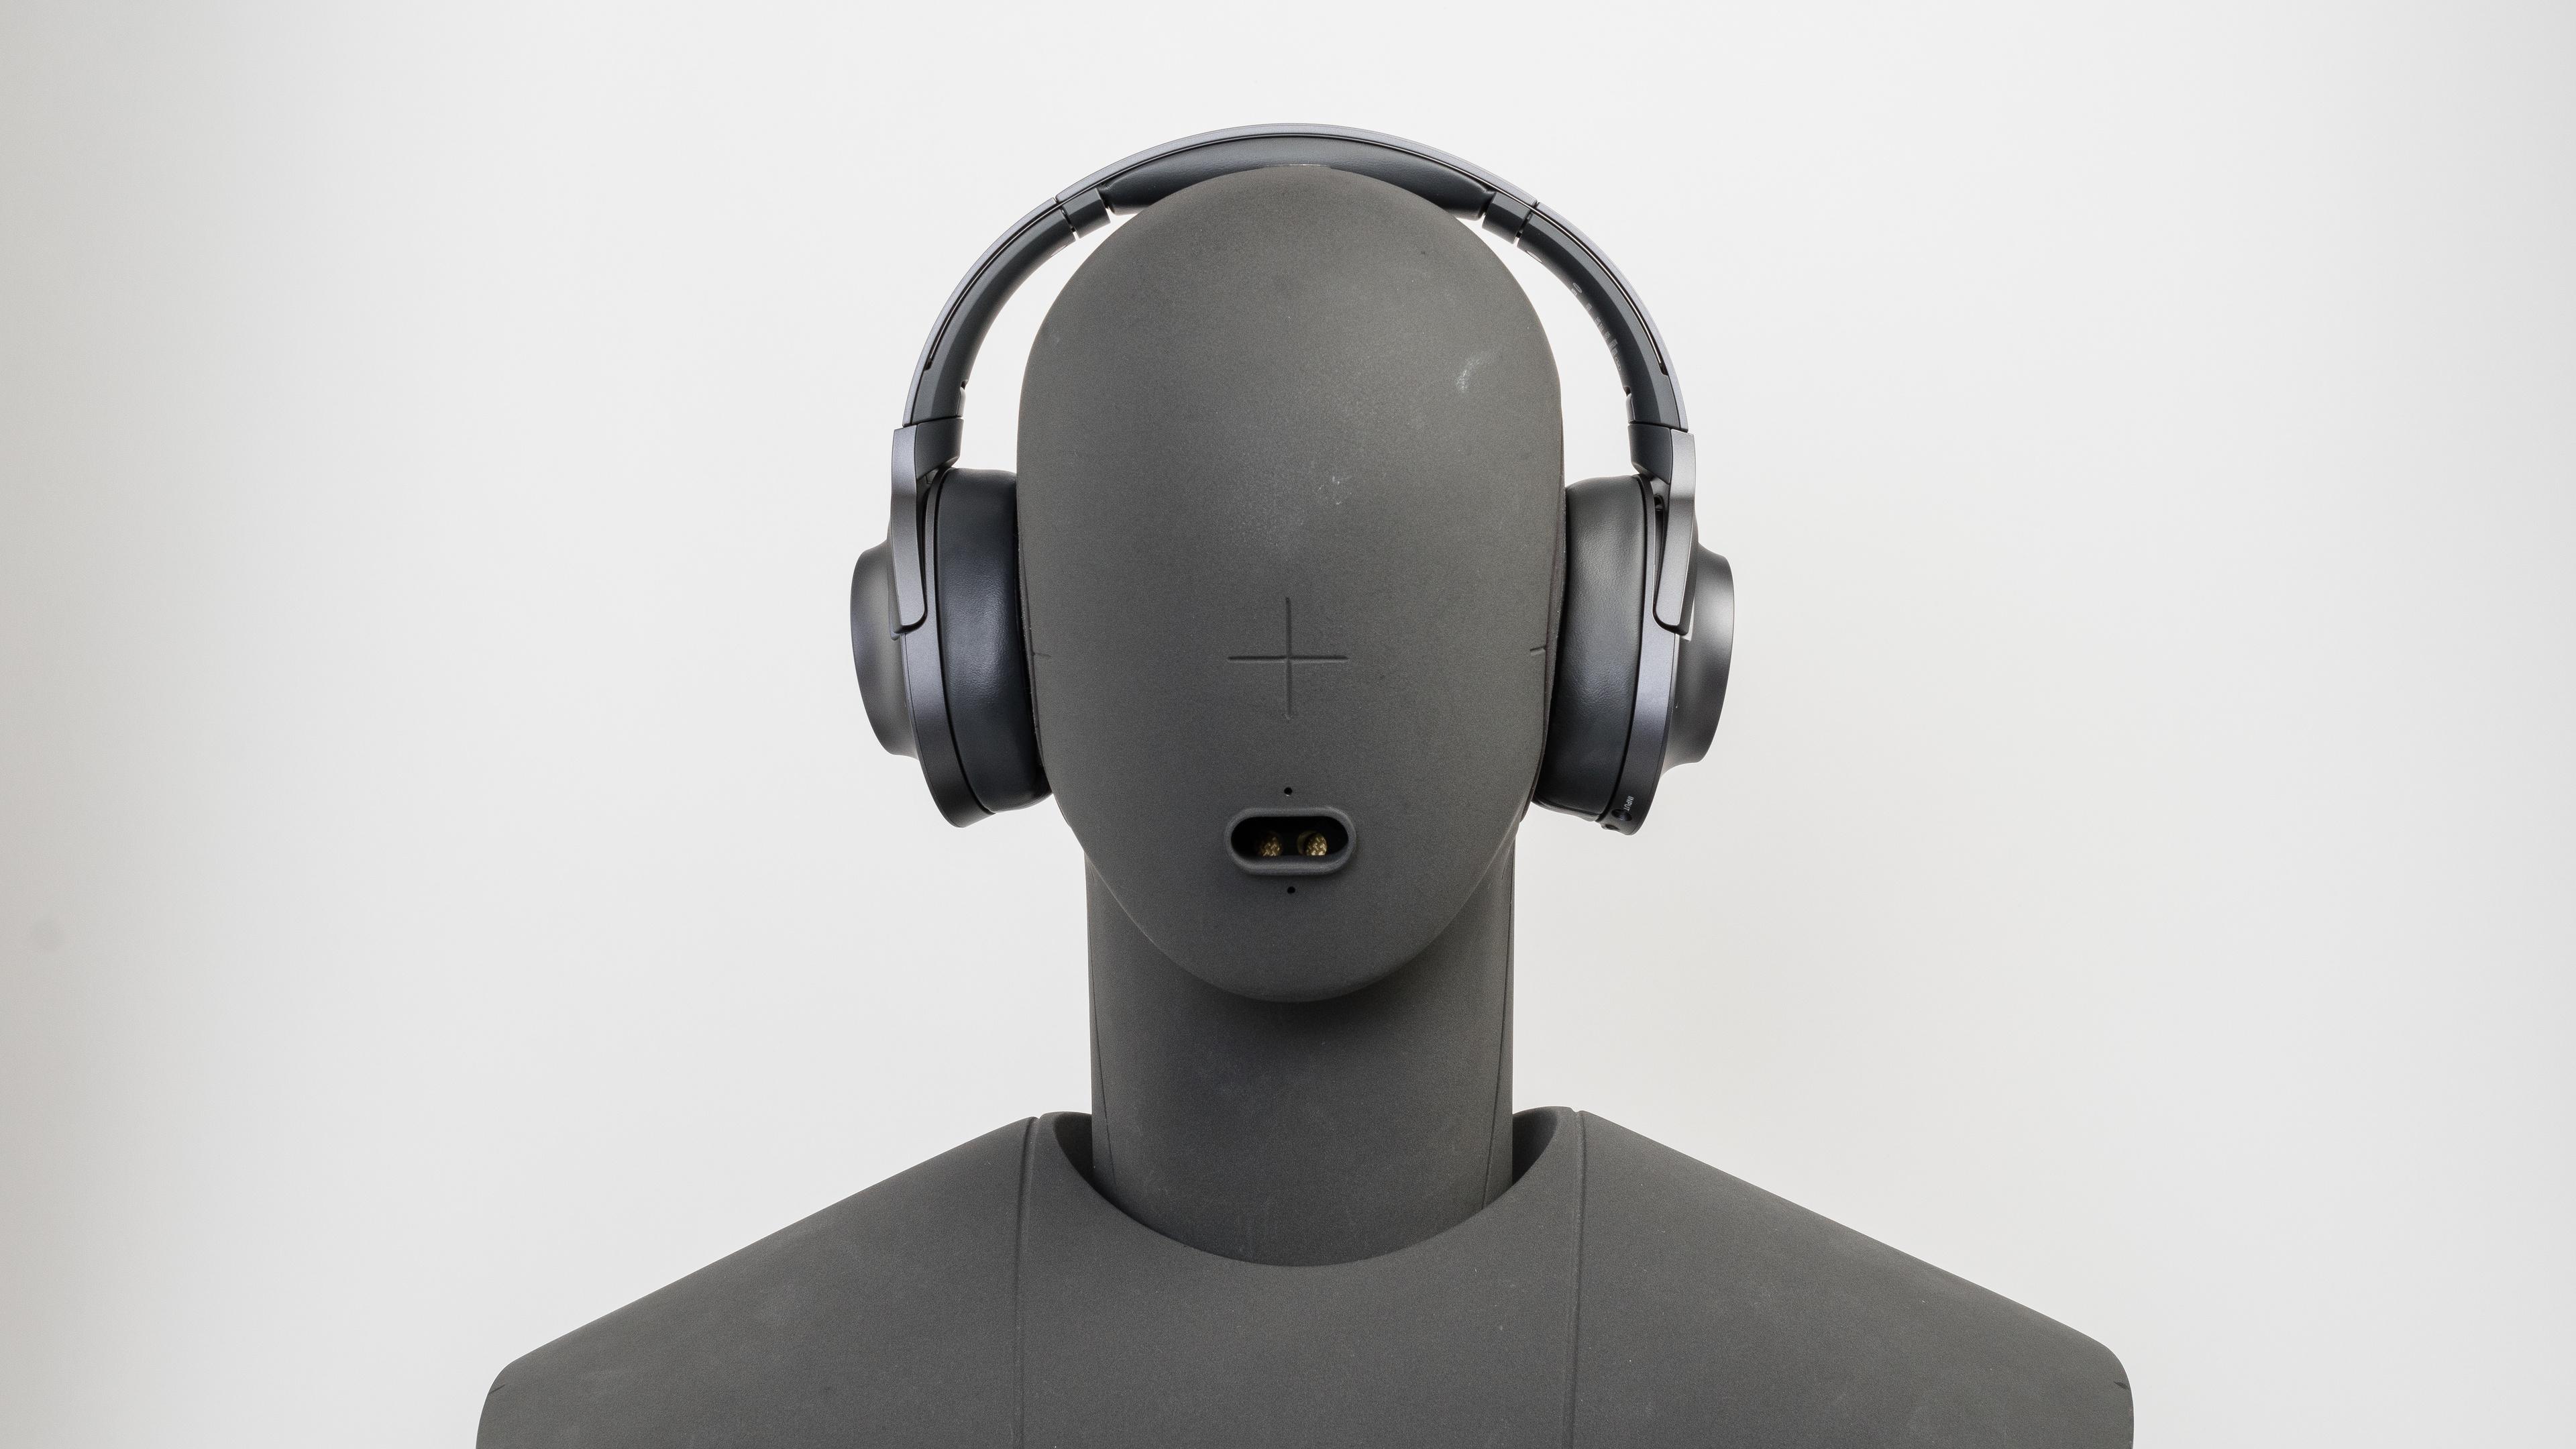 Sony wireless headphones usb - headphones sony wh-h900n